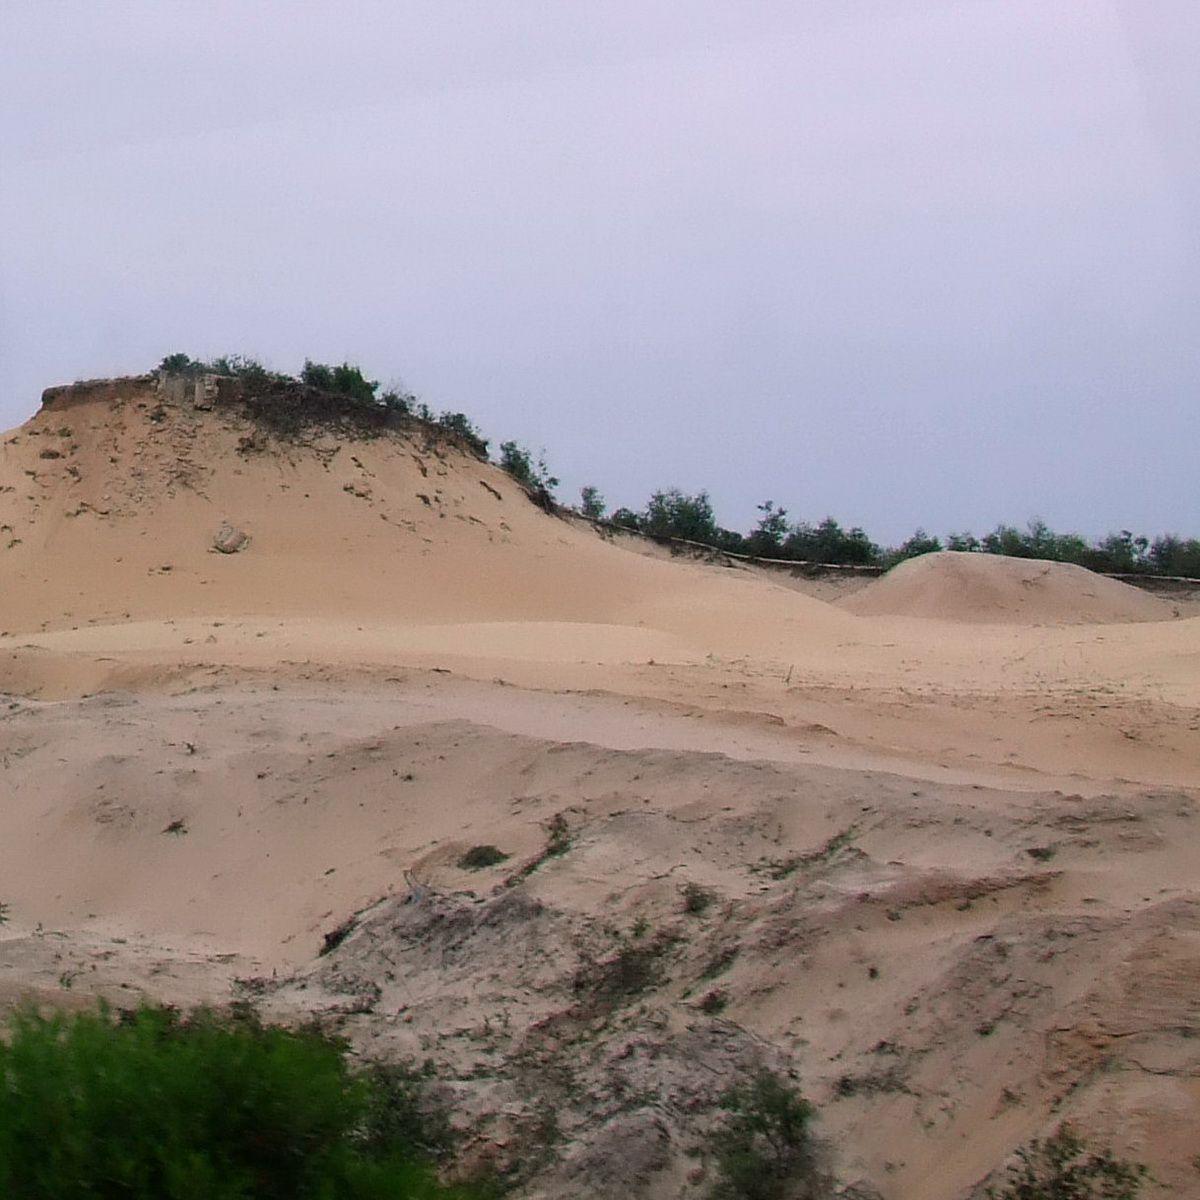 Vietnam Beach Sand Dune